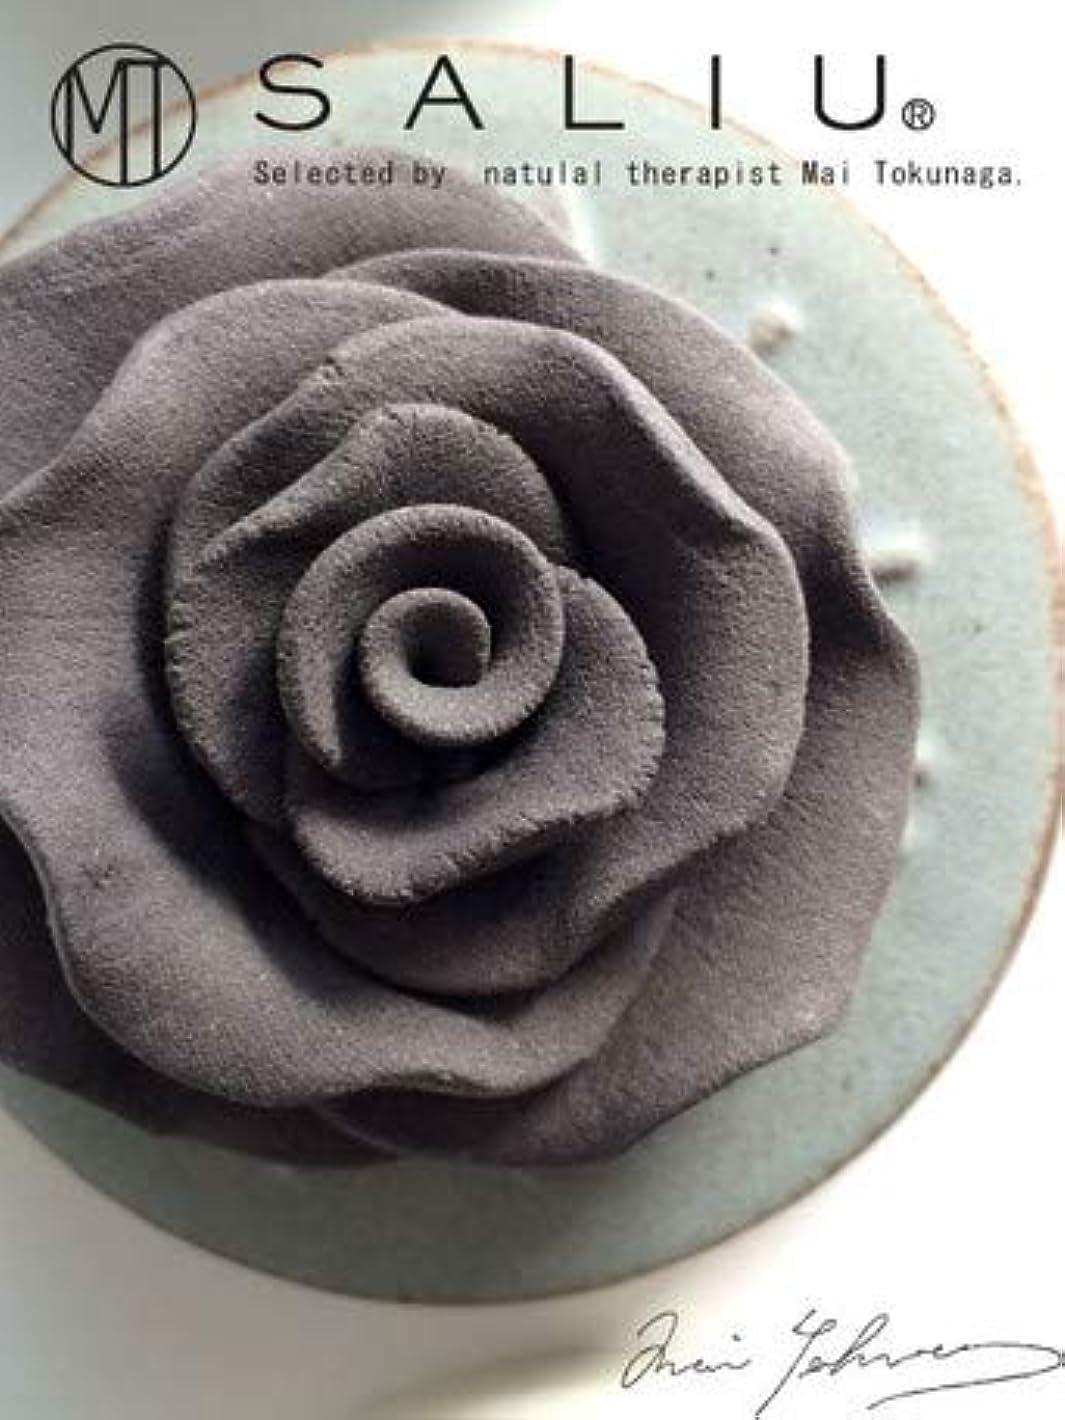 仮定はっきりしないみがきますLOLO ロロ SALIU ローズセット 黒 ブラック ローズ?トレイ:陶器 フレグランスオイル内容量5ml